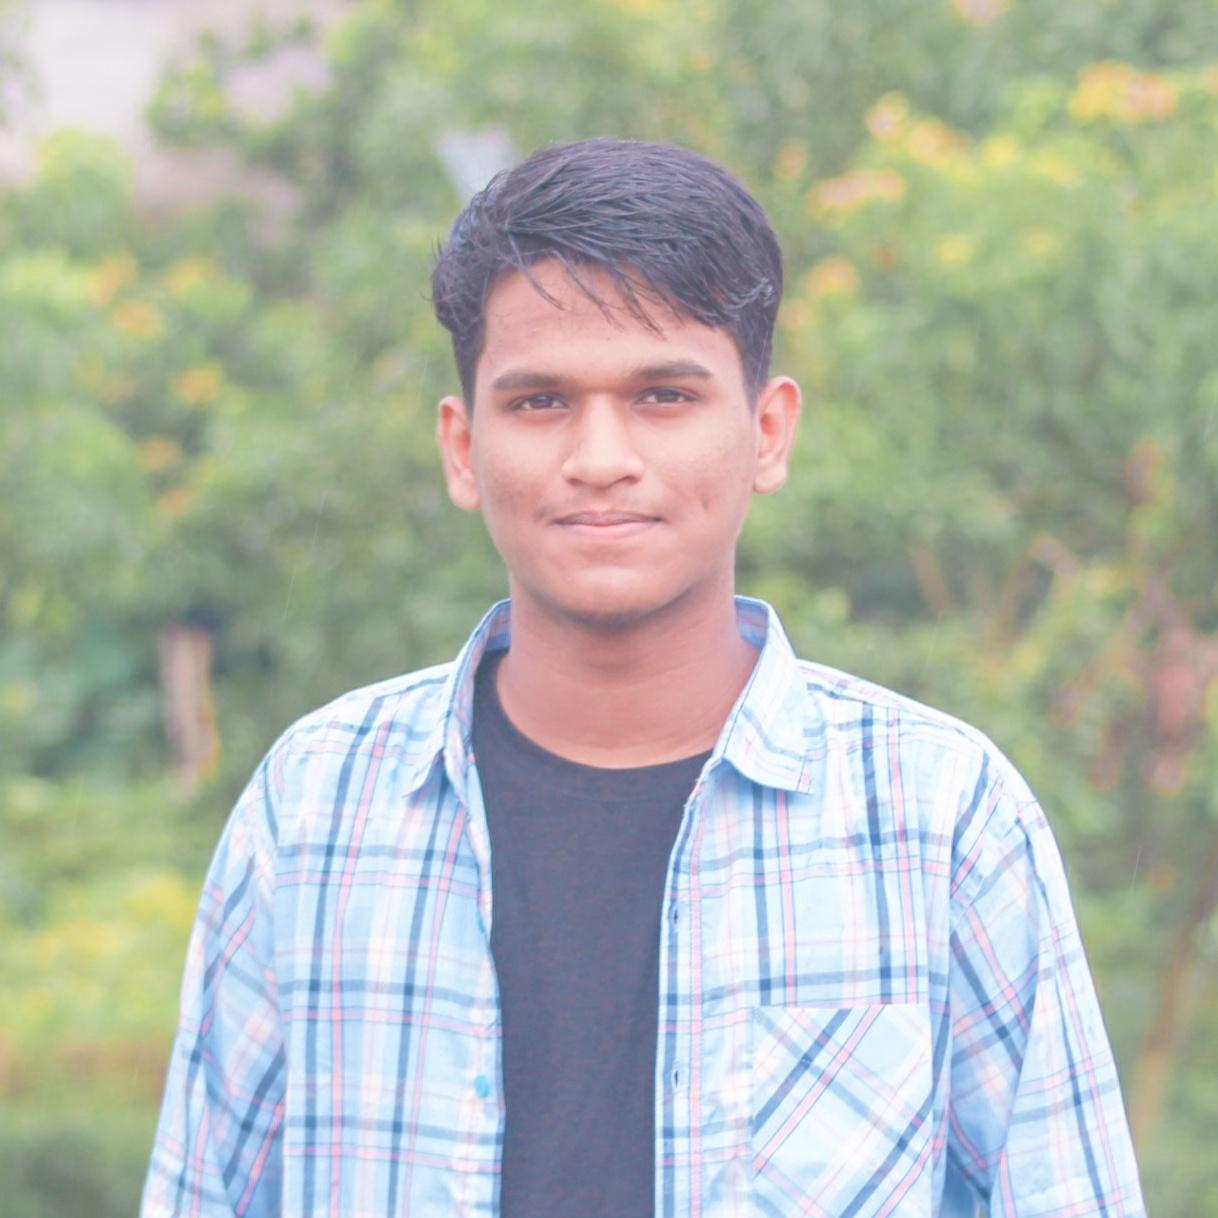 Raihan Chowdhury